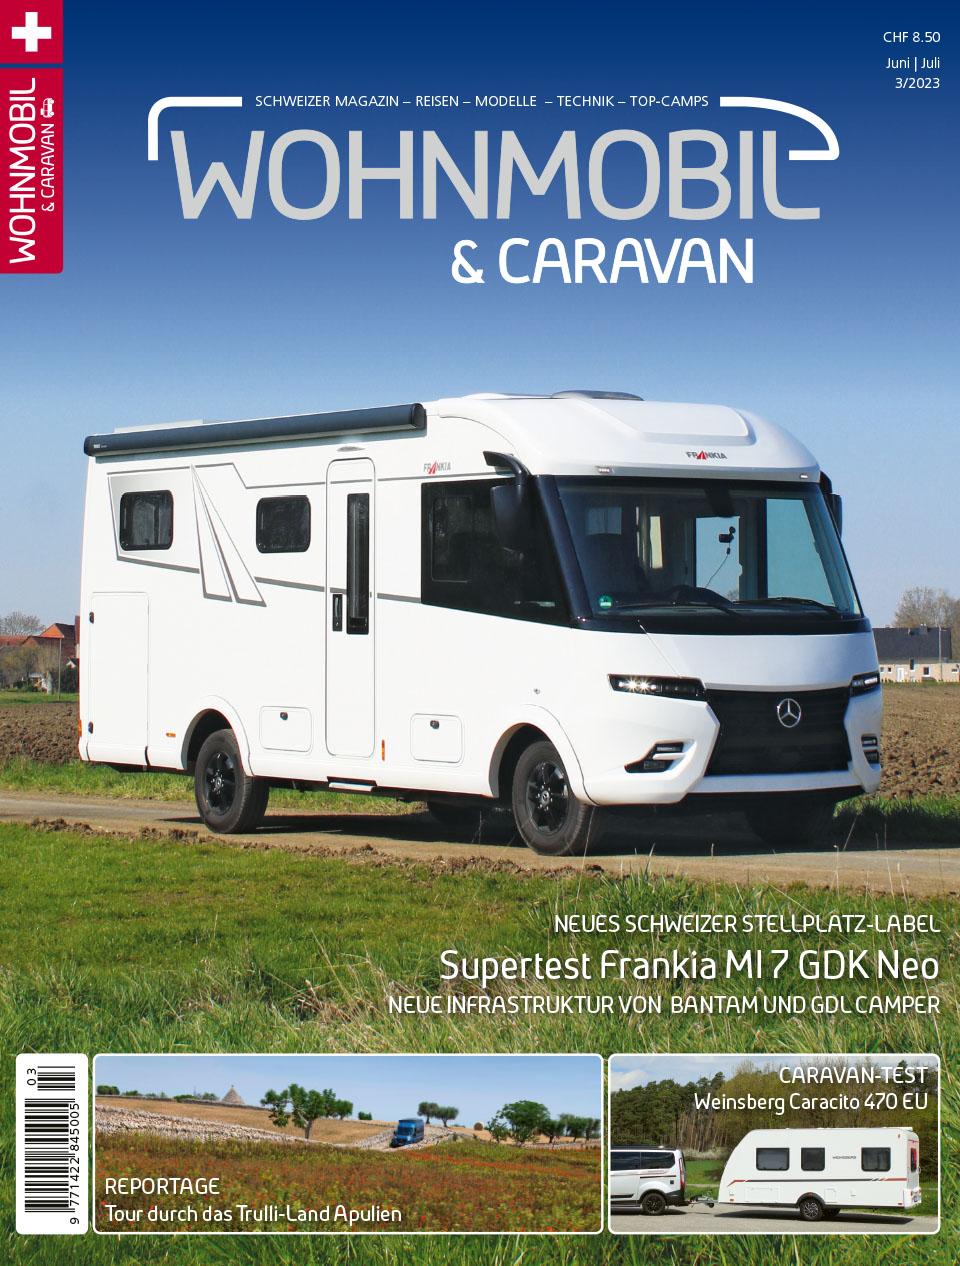 Wohnmobil & Caravan: Laden im App Store